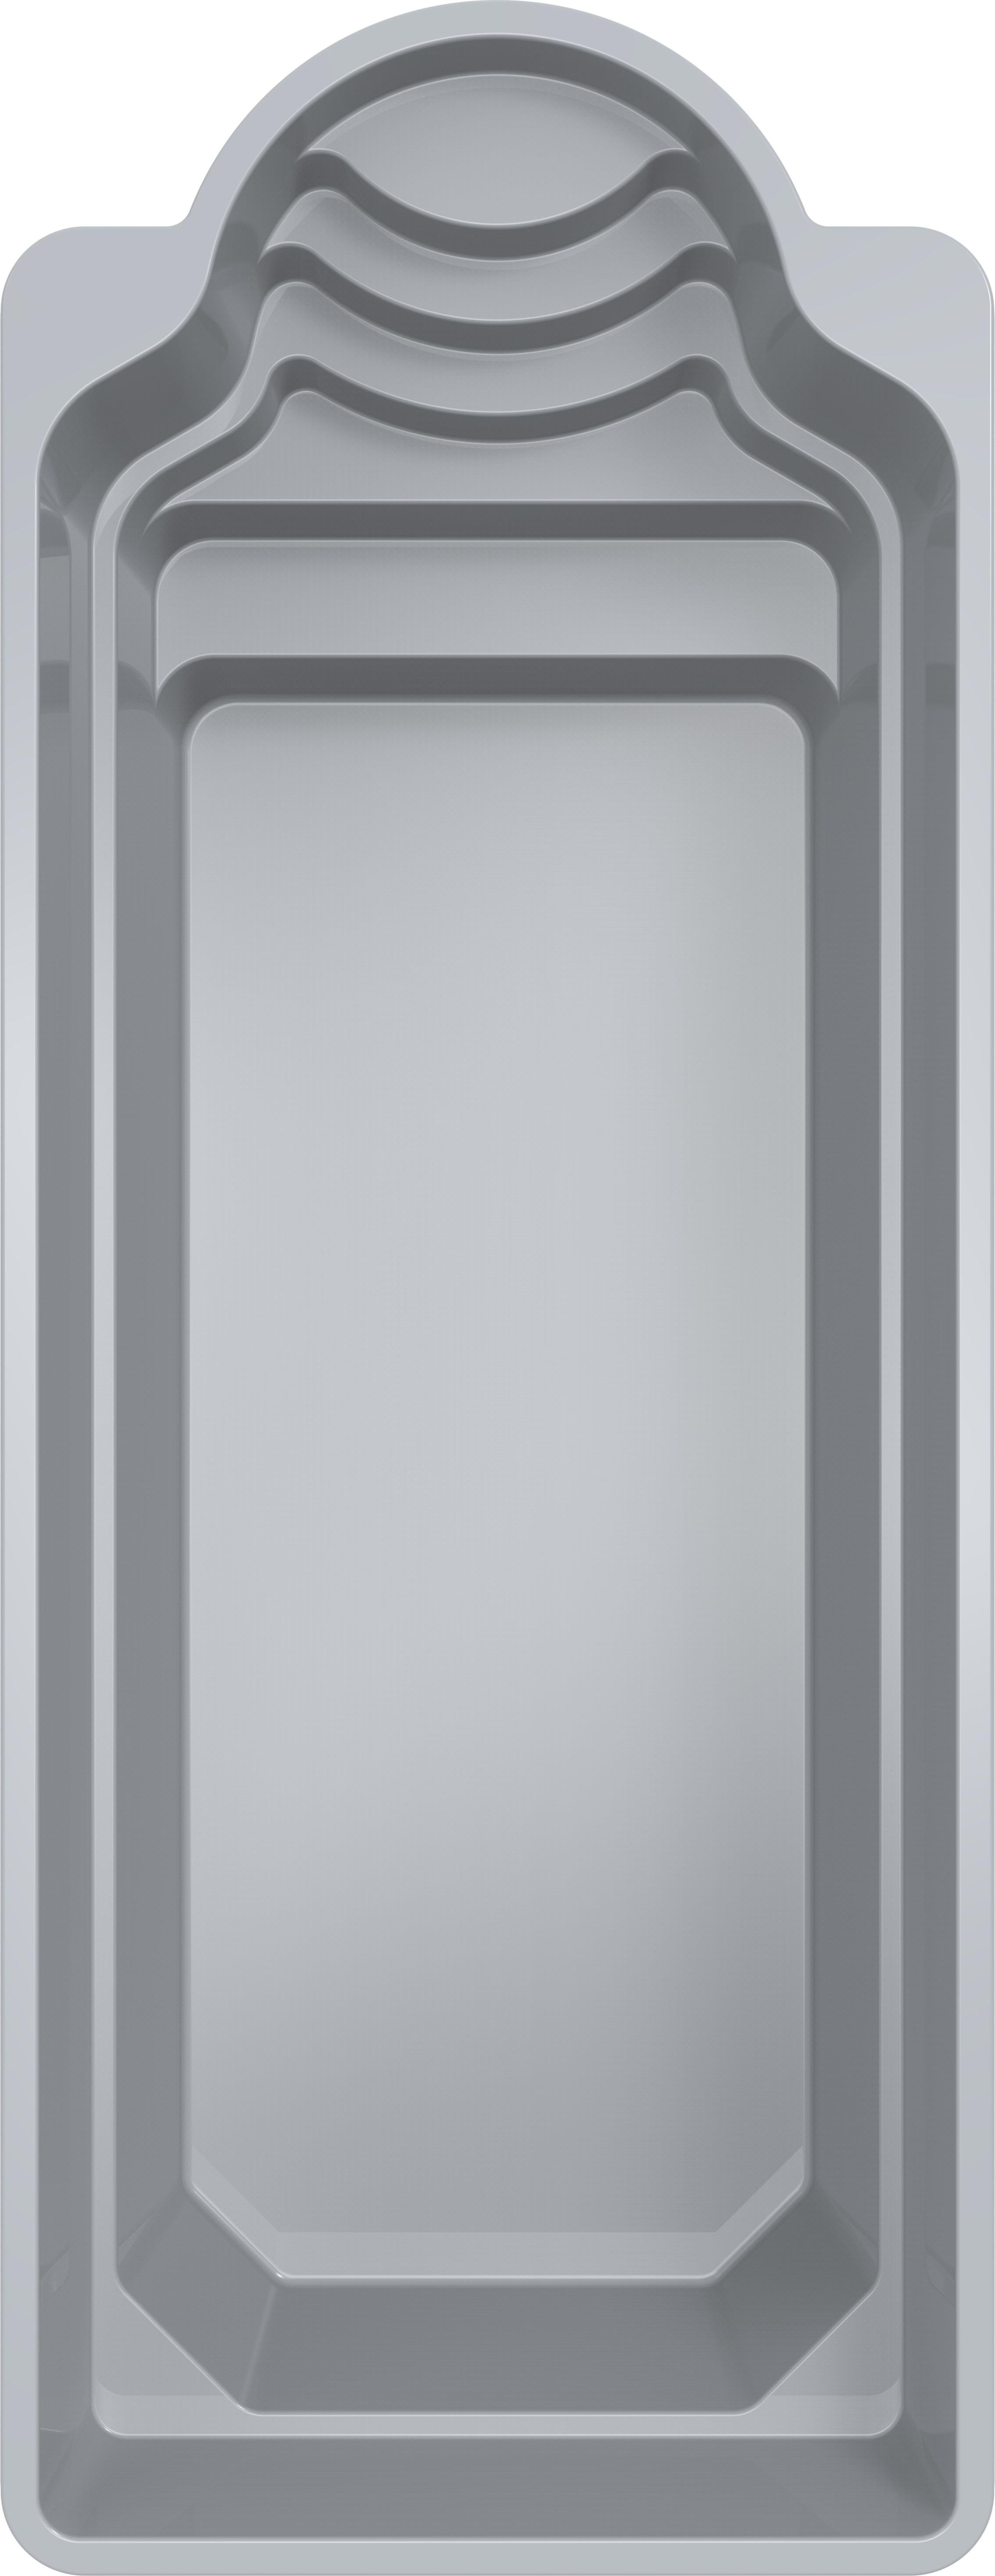 Stiklo pluošto baseinas Halo 9